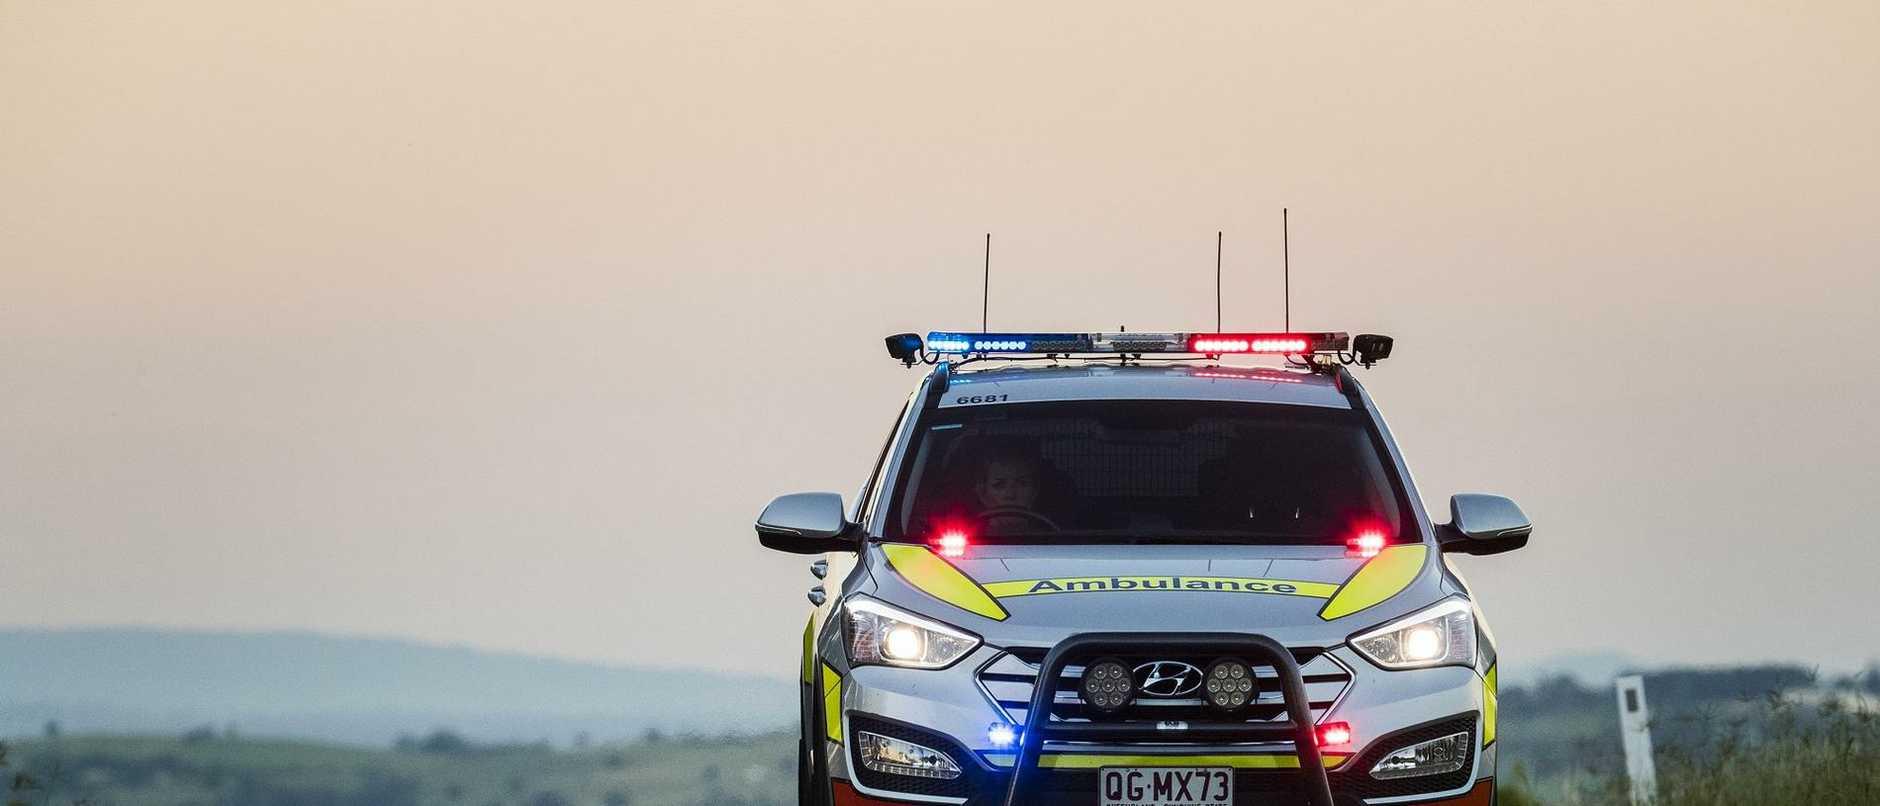 Woman killed, man seriously injured in motorcycle crash